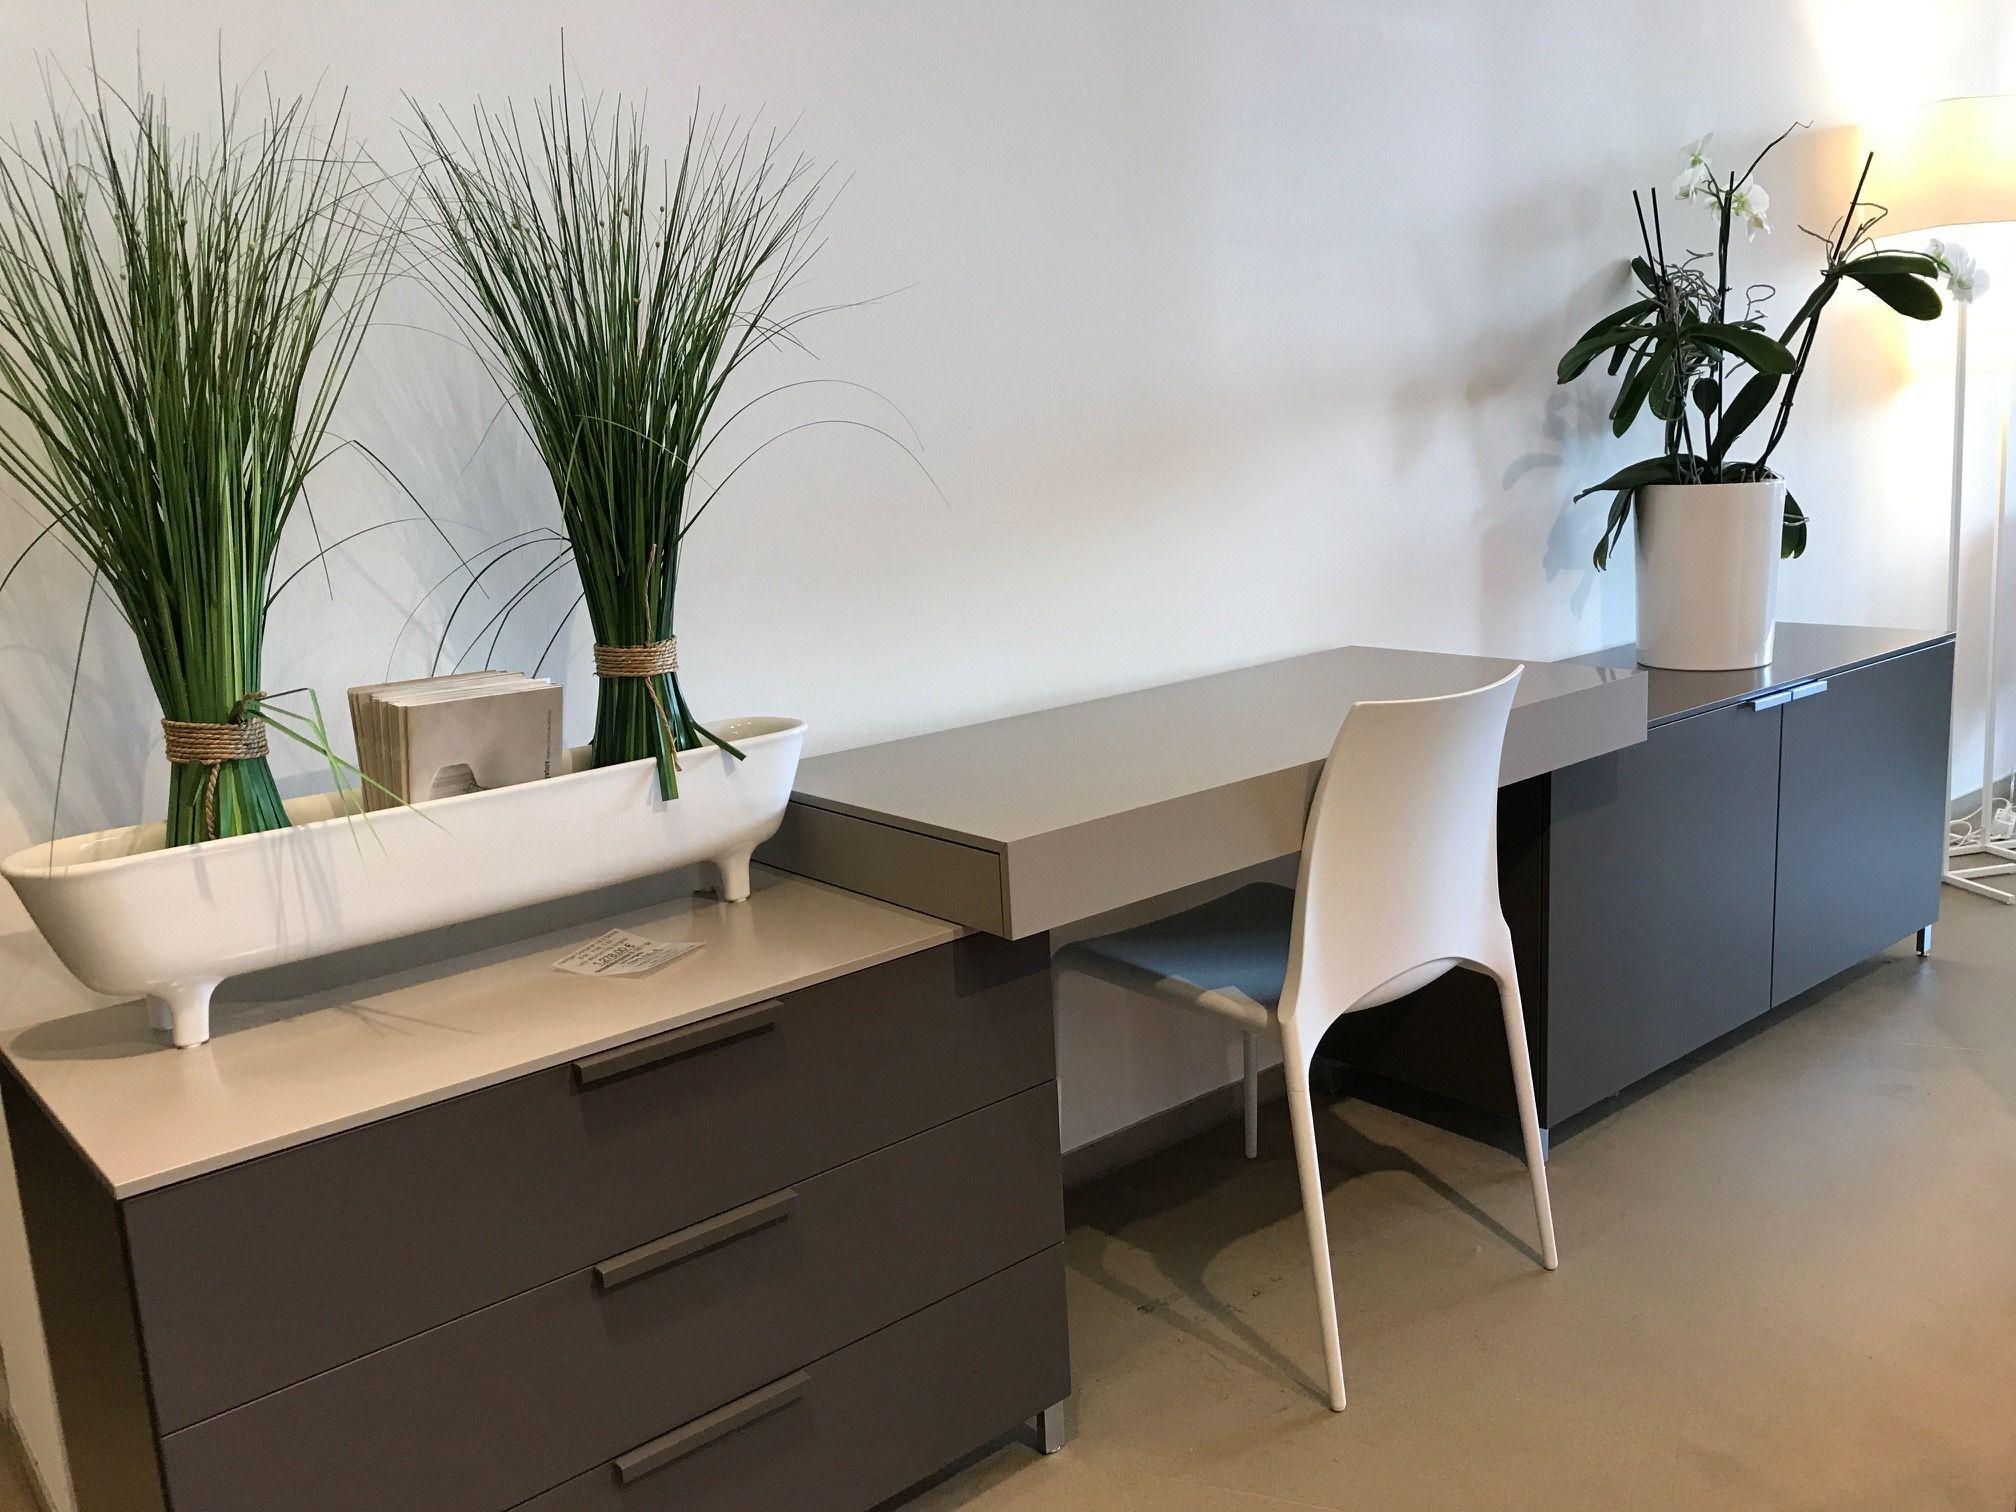 ligne roset n rnberg ausstellungsst cke. Black Bedroom Furniture Sets. Home Design Ideas